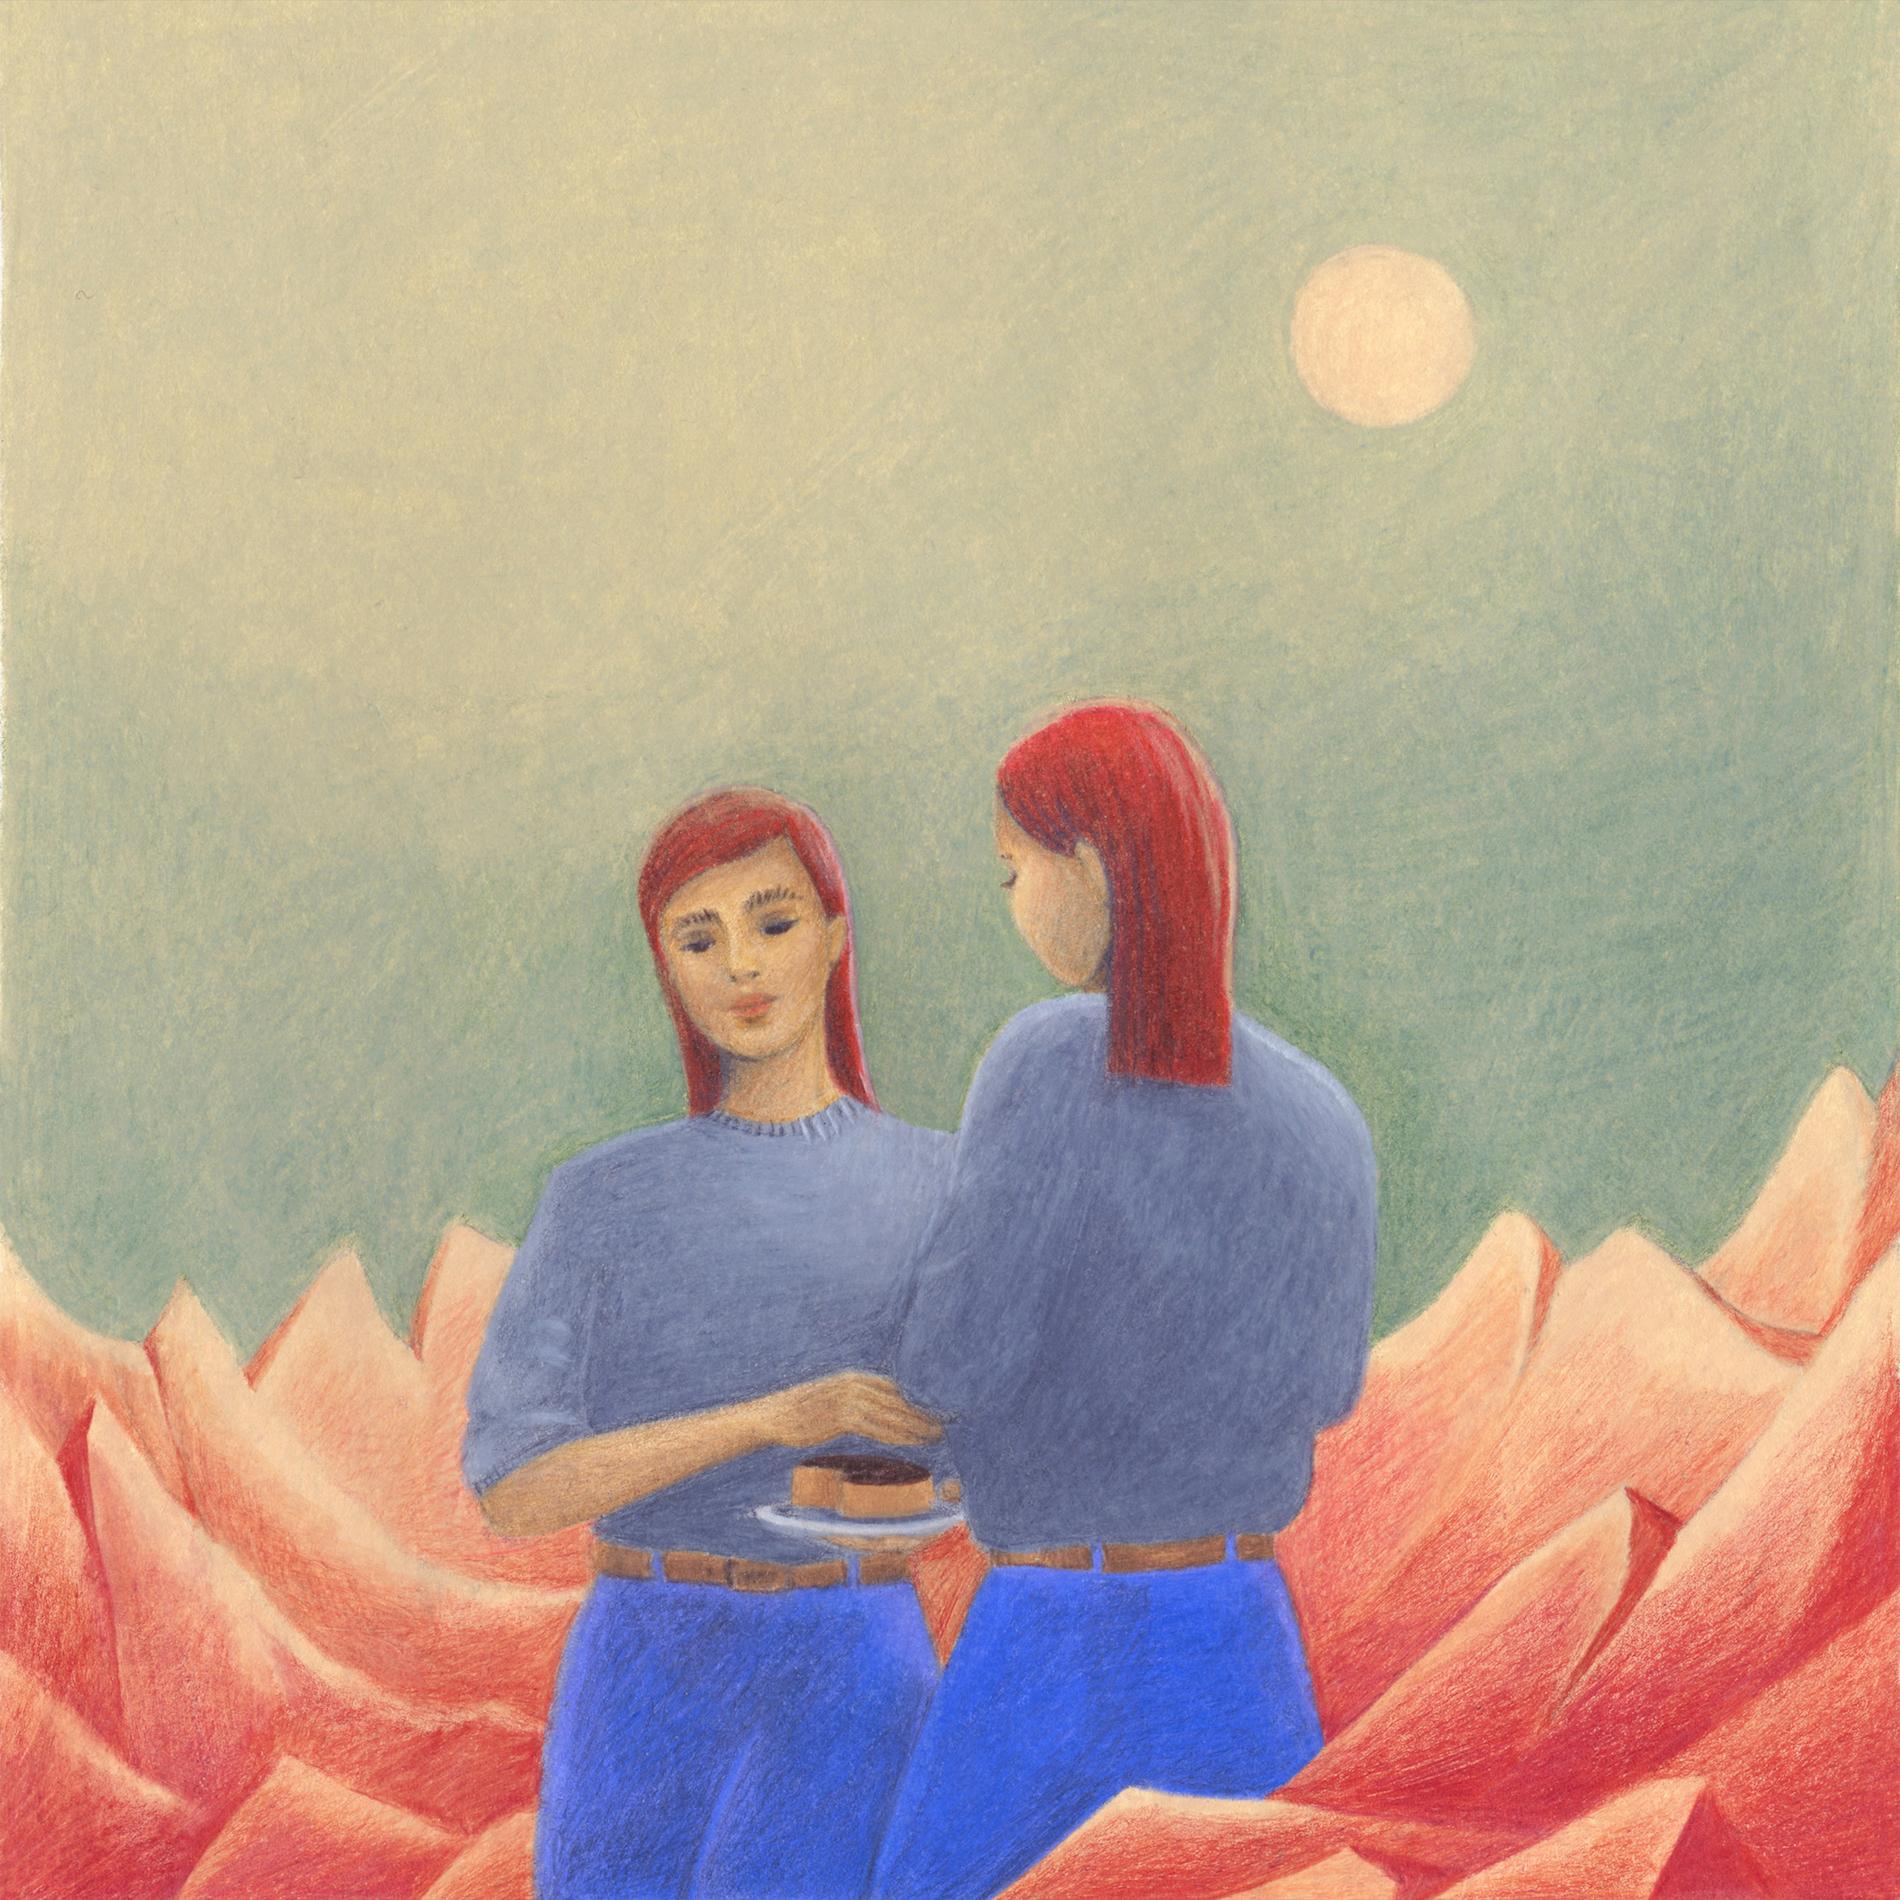 deux femmes rousses dans un univers surréaliste